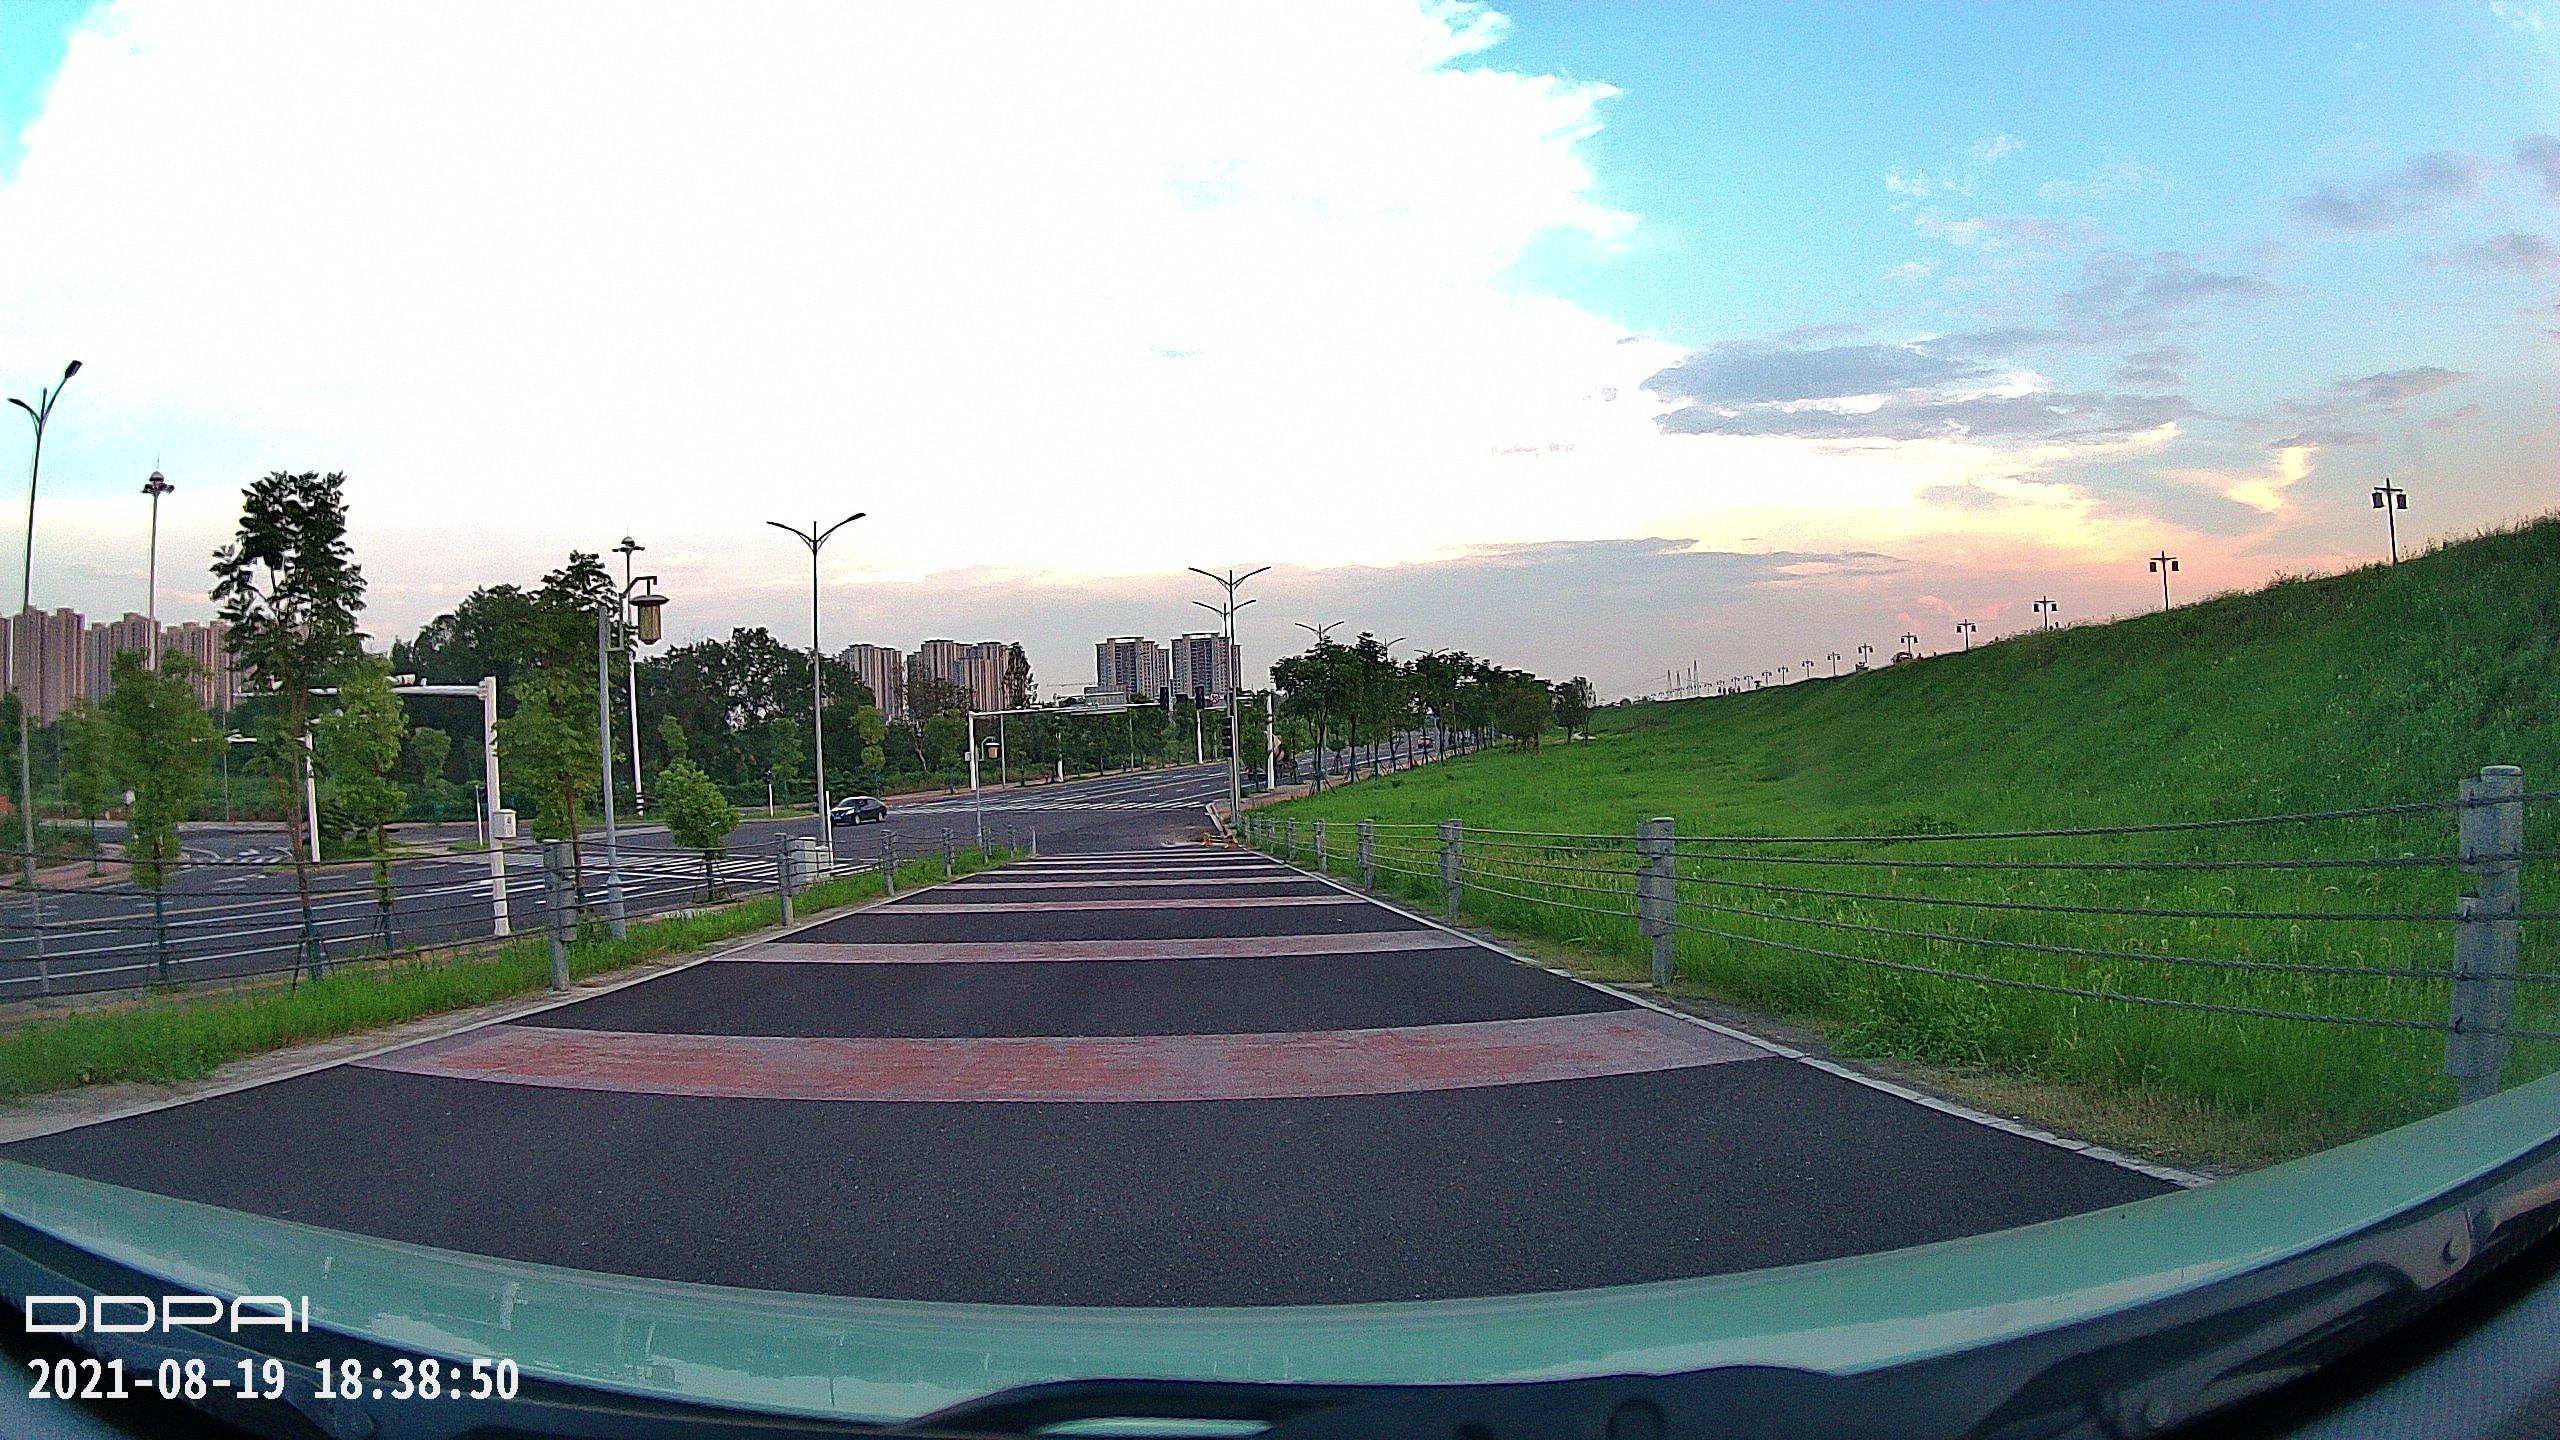 夕阳西下 很久很久没有见过这种风景了  视频 常德 第5张